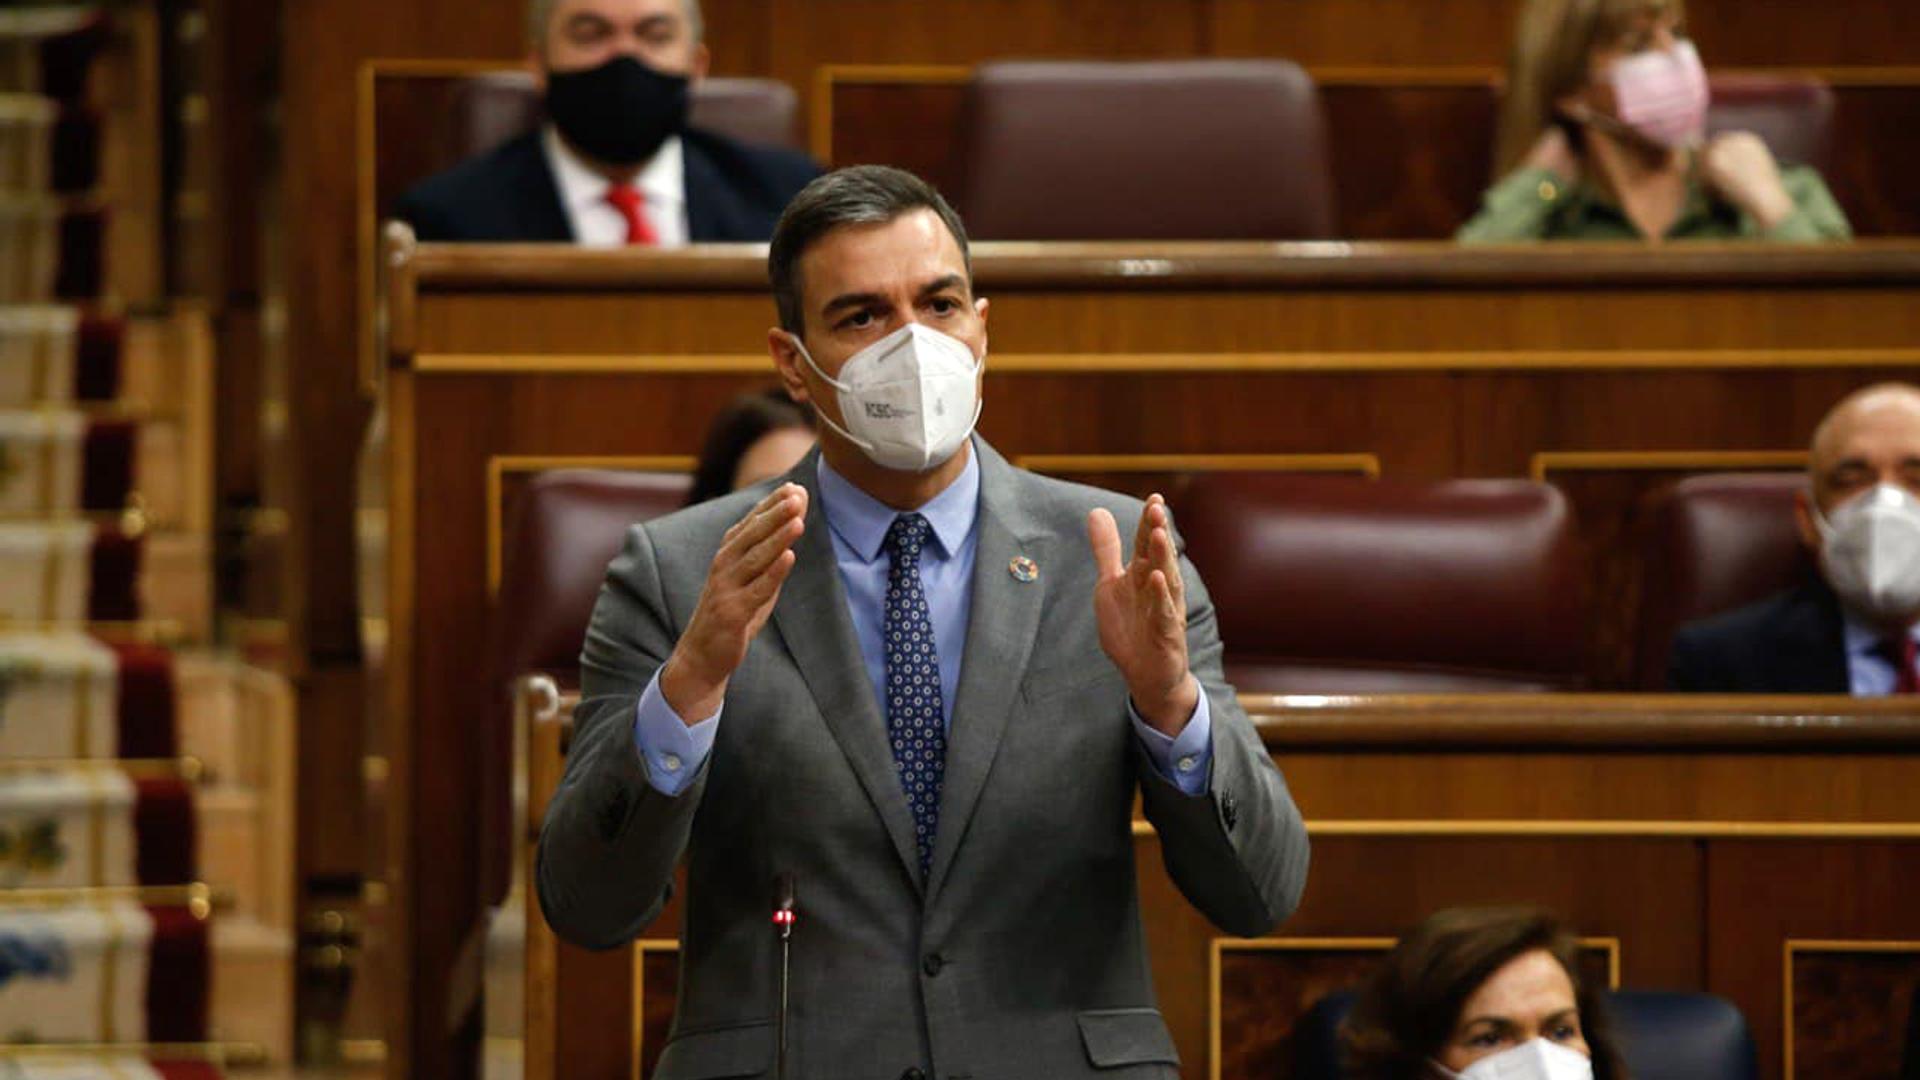 El presidente del Gobierno de España, Pedro Sánchez, en la sesión de control al Gobierno del Congreso de los Diputados - Sputnik Mundo, 1920, 24.02.2021